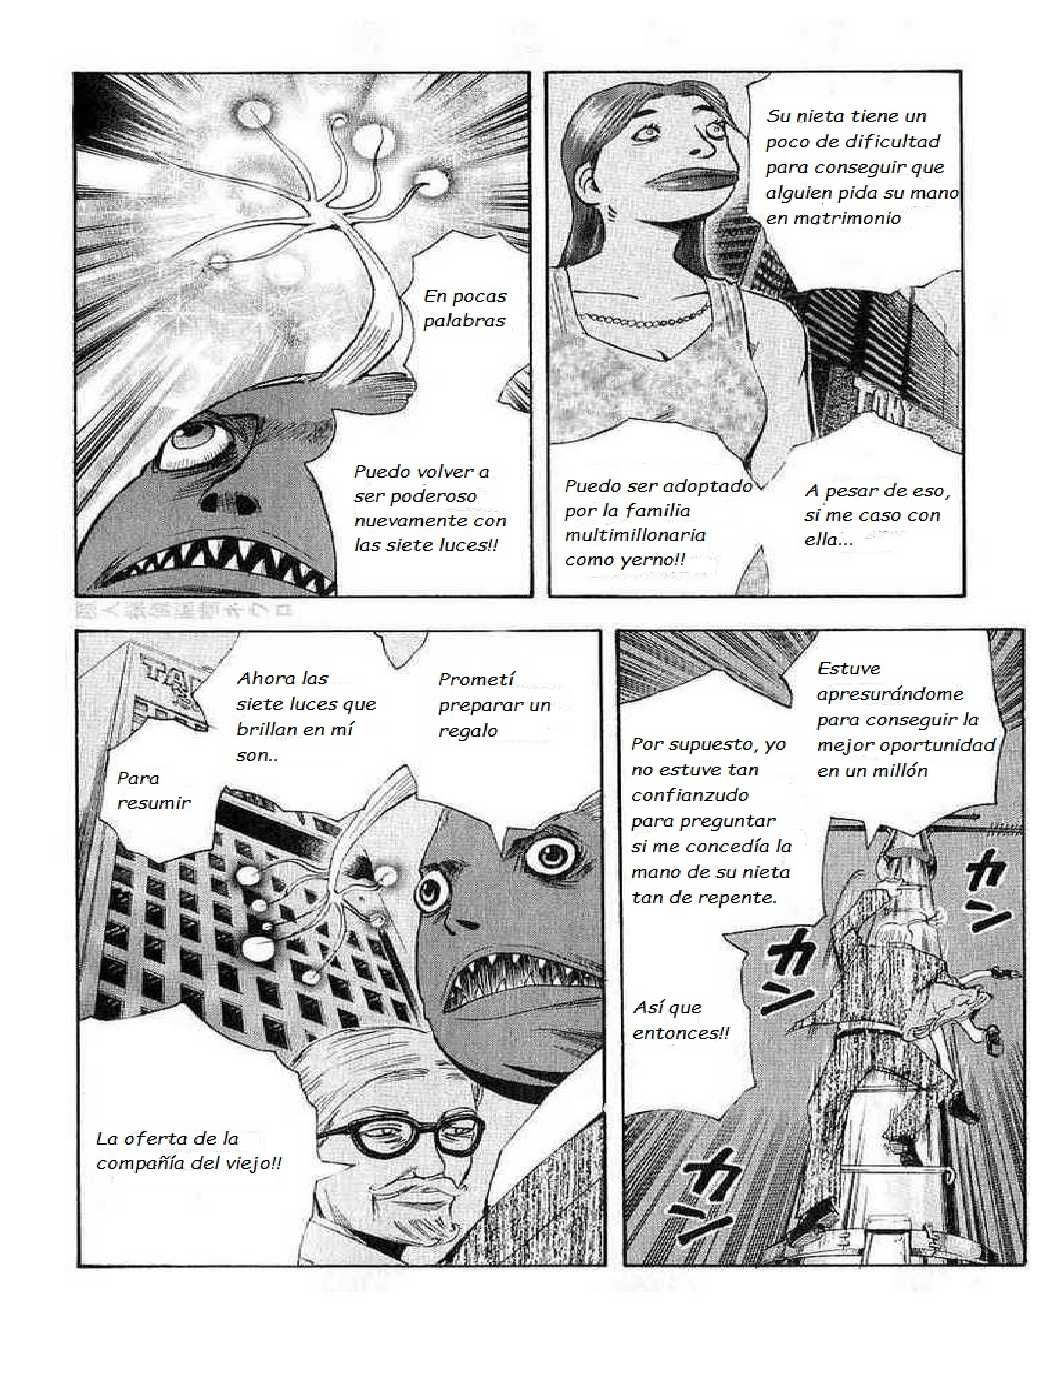 http://c5.ninemanga.com/es_manga/10/20170/485507/dc5a0f4116e3da12cefa79263efef33f.jpg Page 10